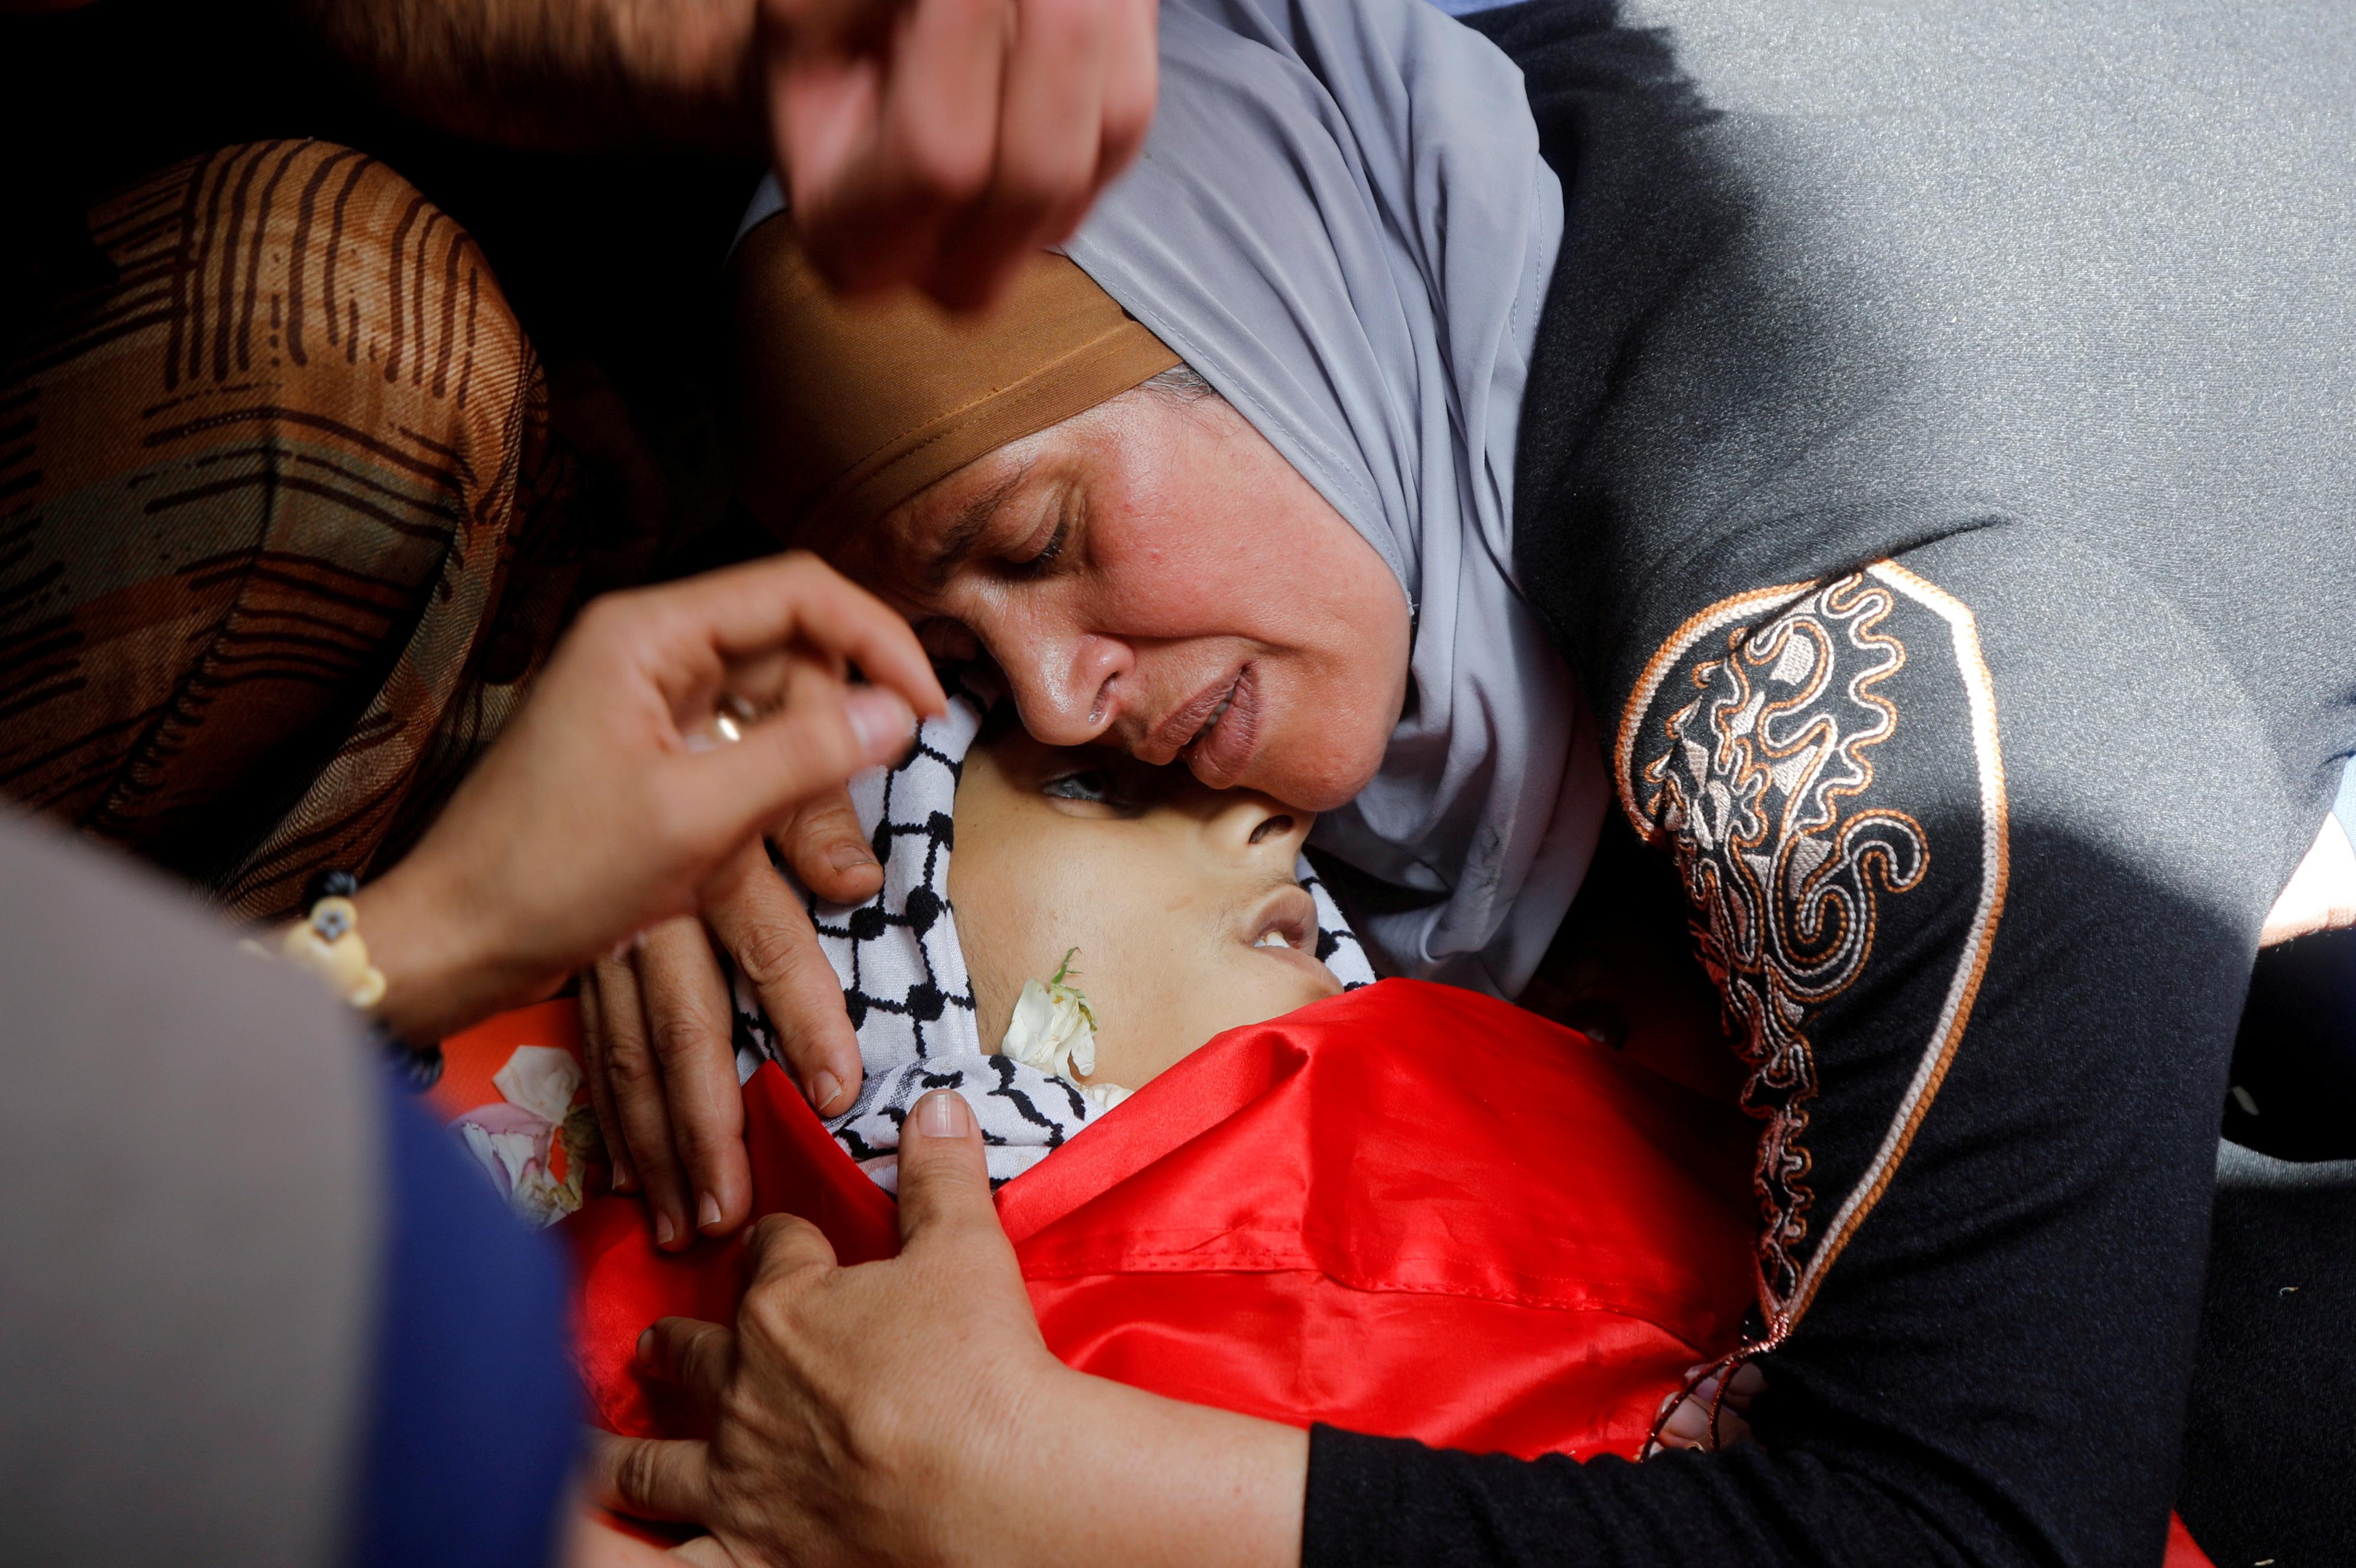 हमले में मारे गए अपने बच्चे की मौत का दुख मनाती महिला।